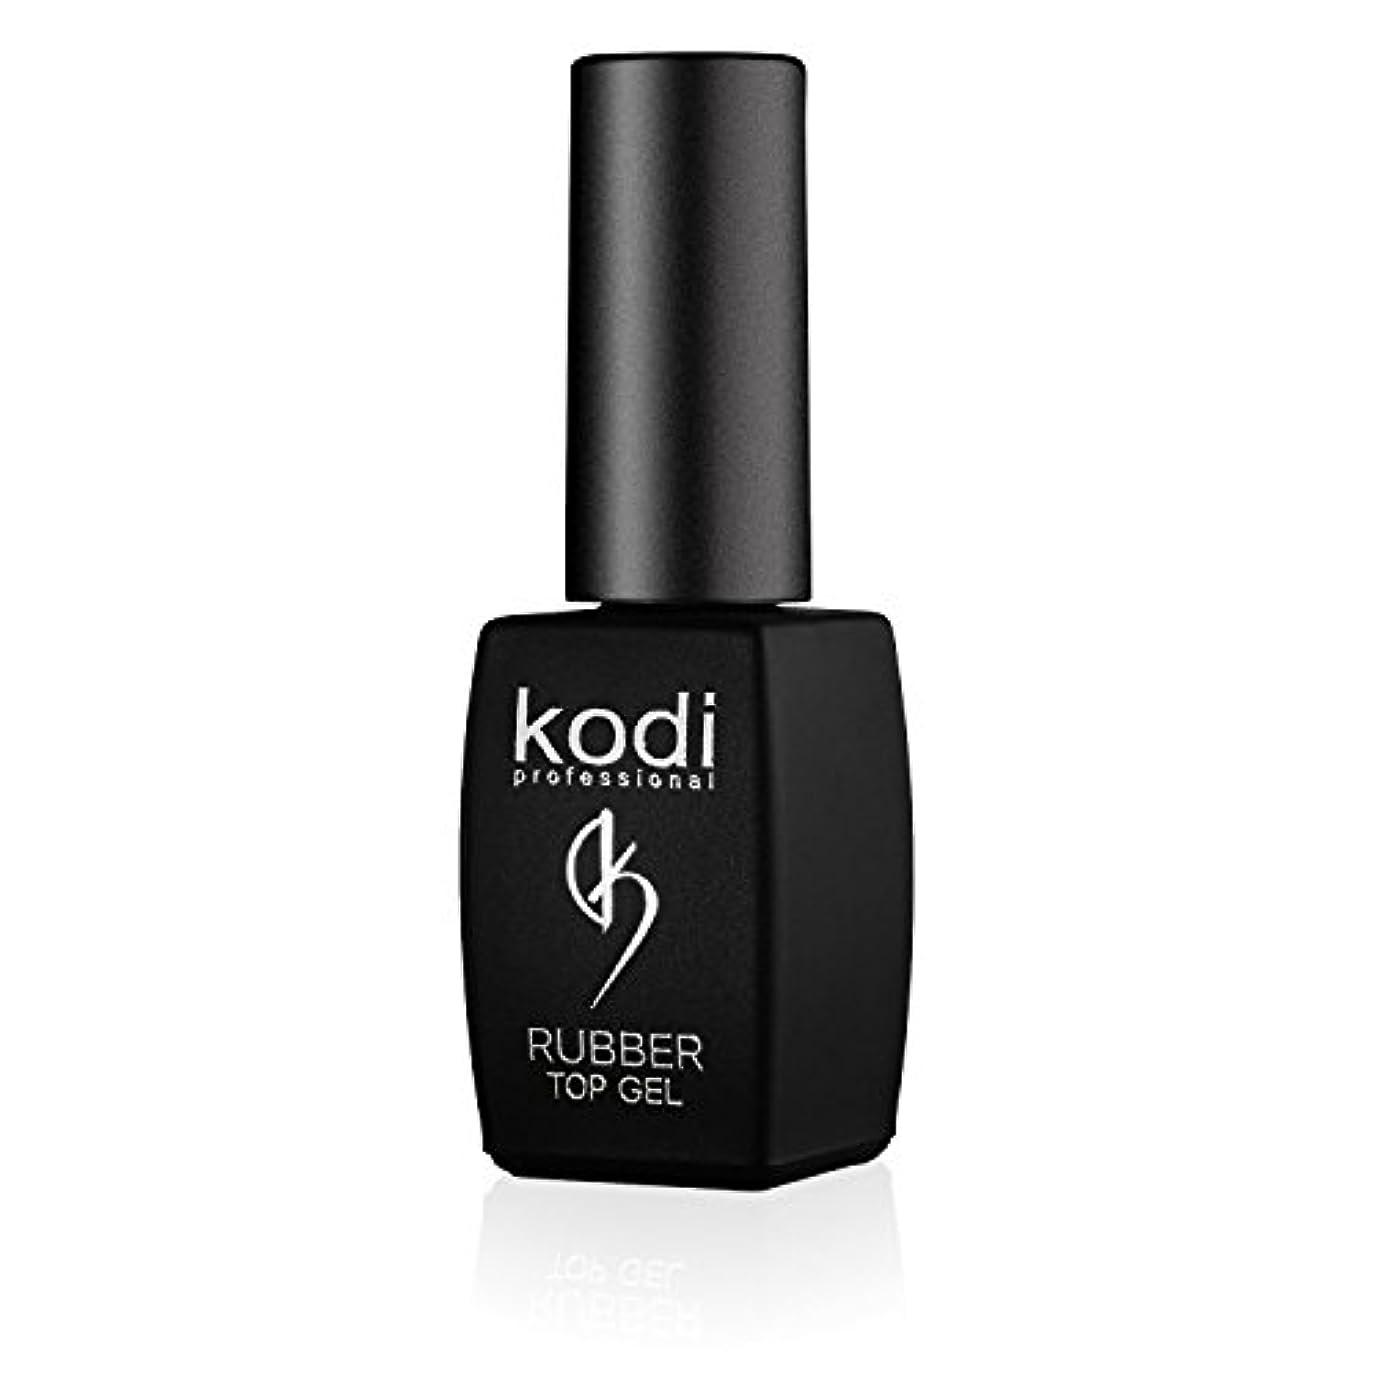 国籍タンザニア日帰り旅行にProfessional Rubber Top Gel By Kodi | 8ml 0.27 oz | Soak Off, Polish Fingernails Coat Kit | For Long Lasting Nails...